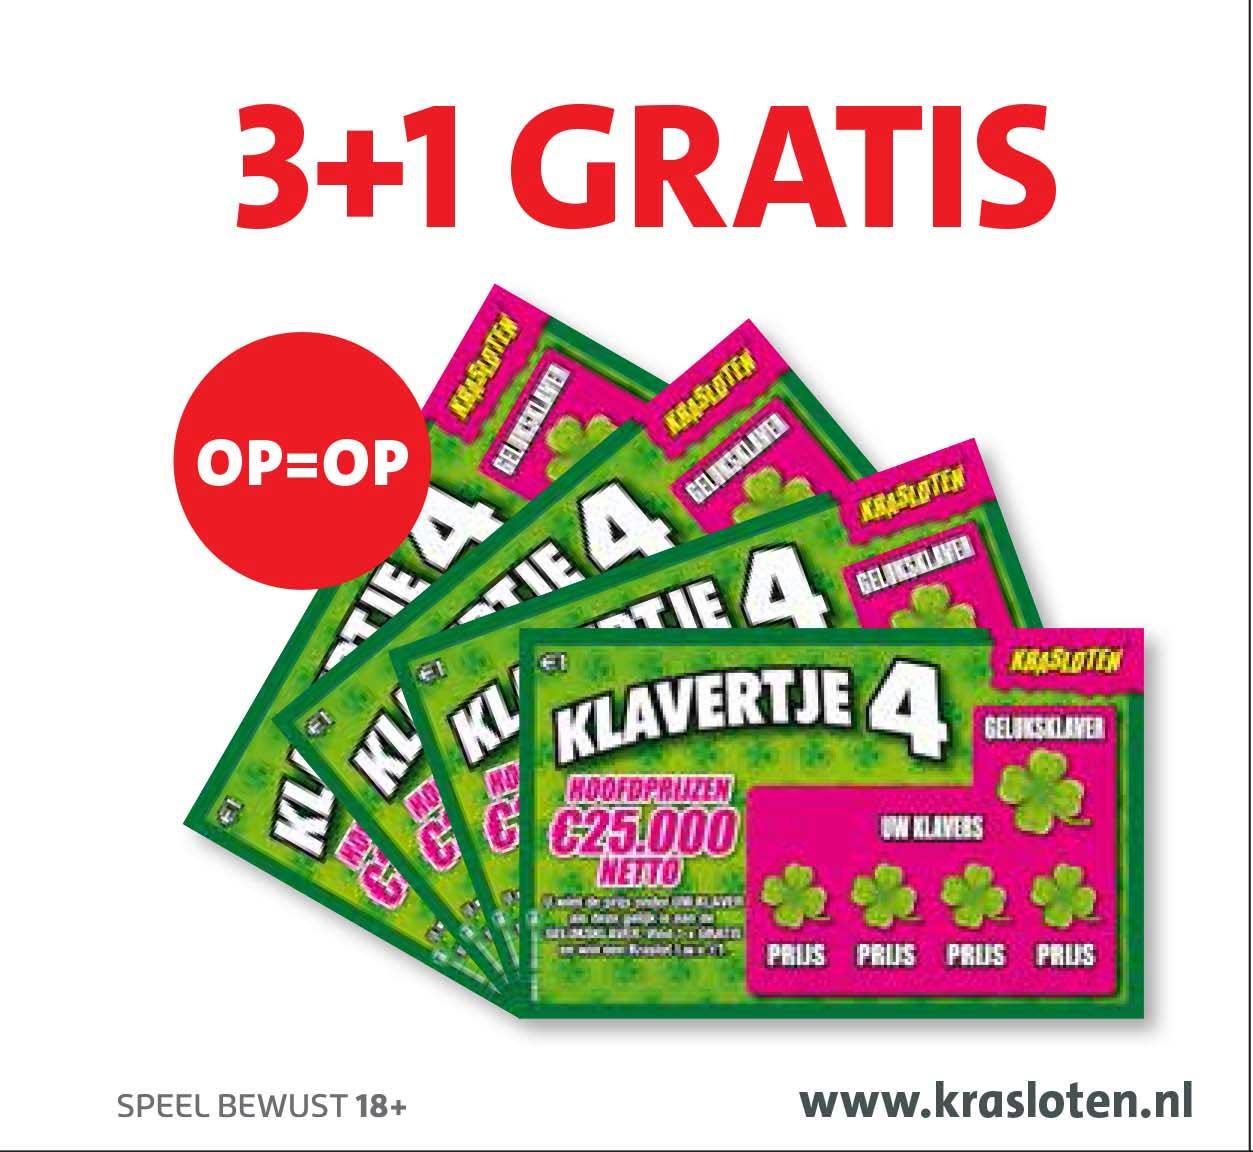 Bruna Klavertje 4 Krasloten: 3+1 Gratis